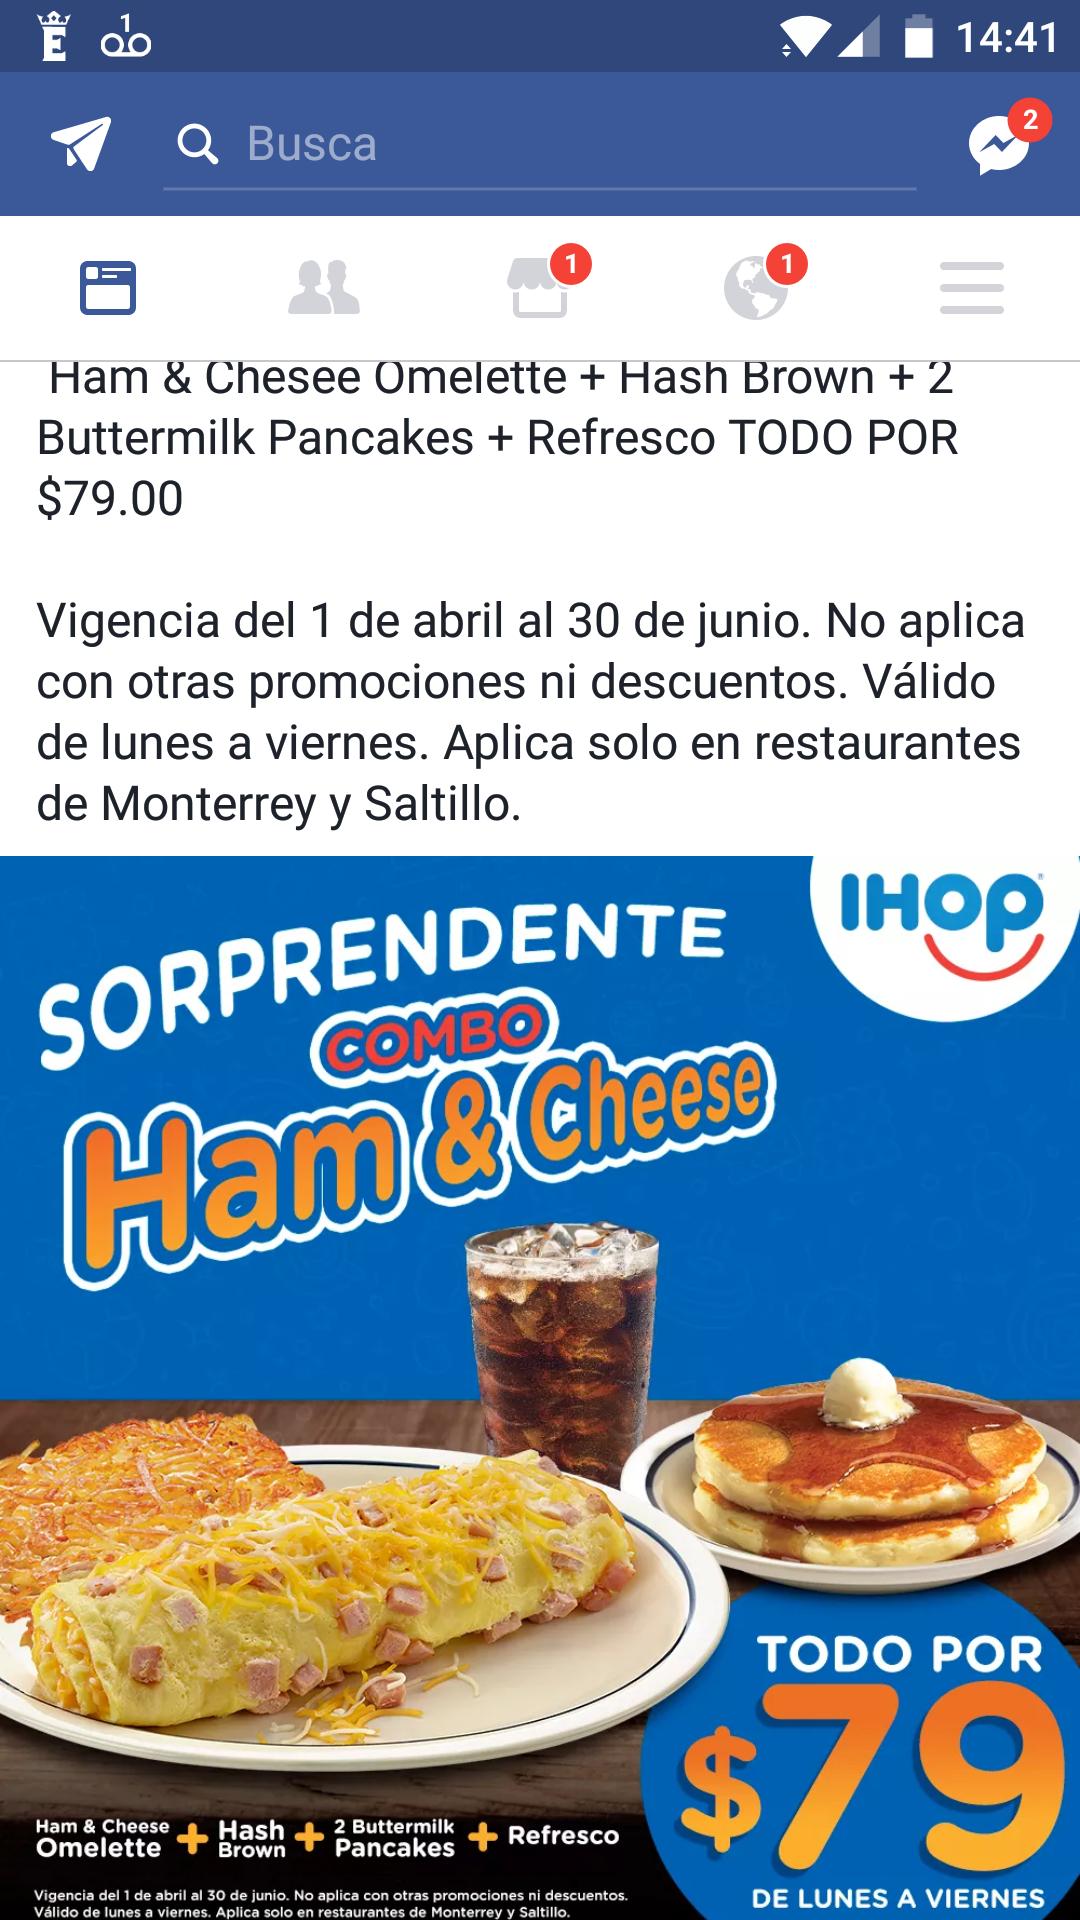 iHop: combo por 79 solo en Monterrey y Saltillo